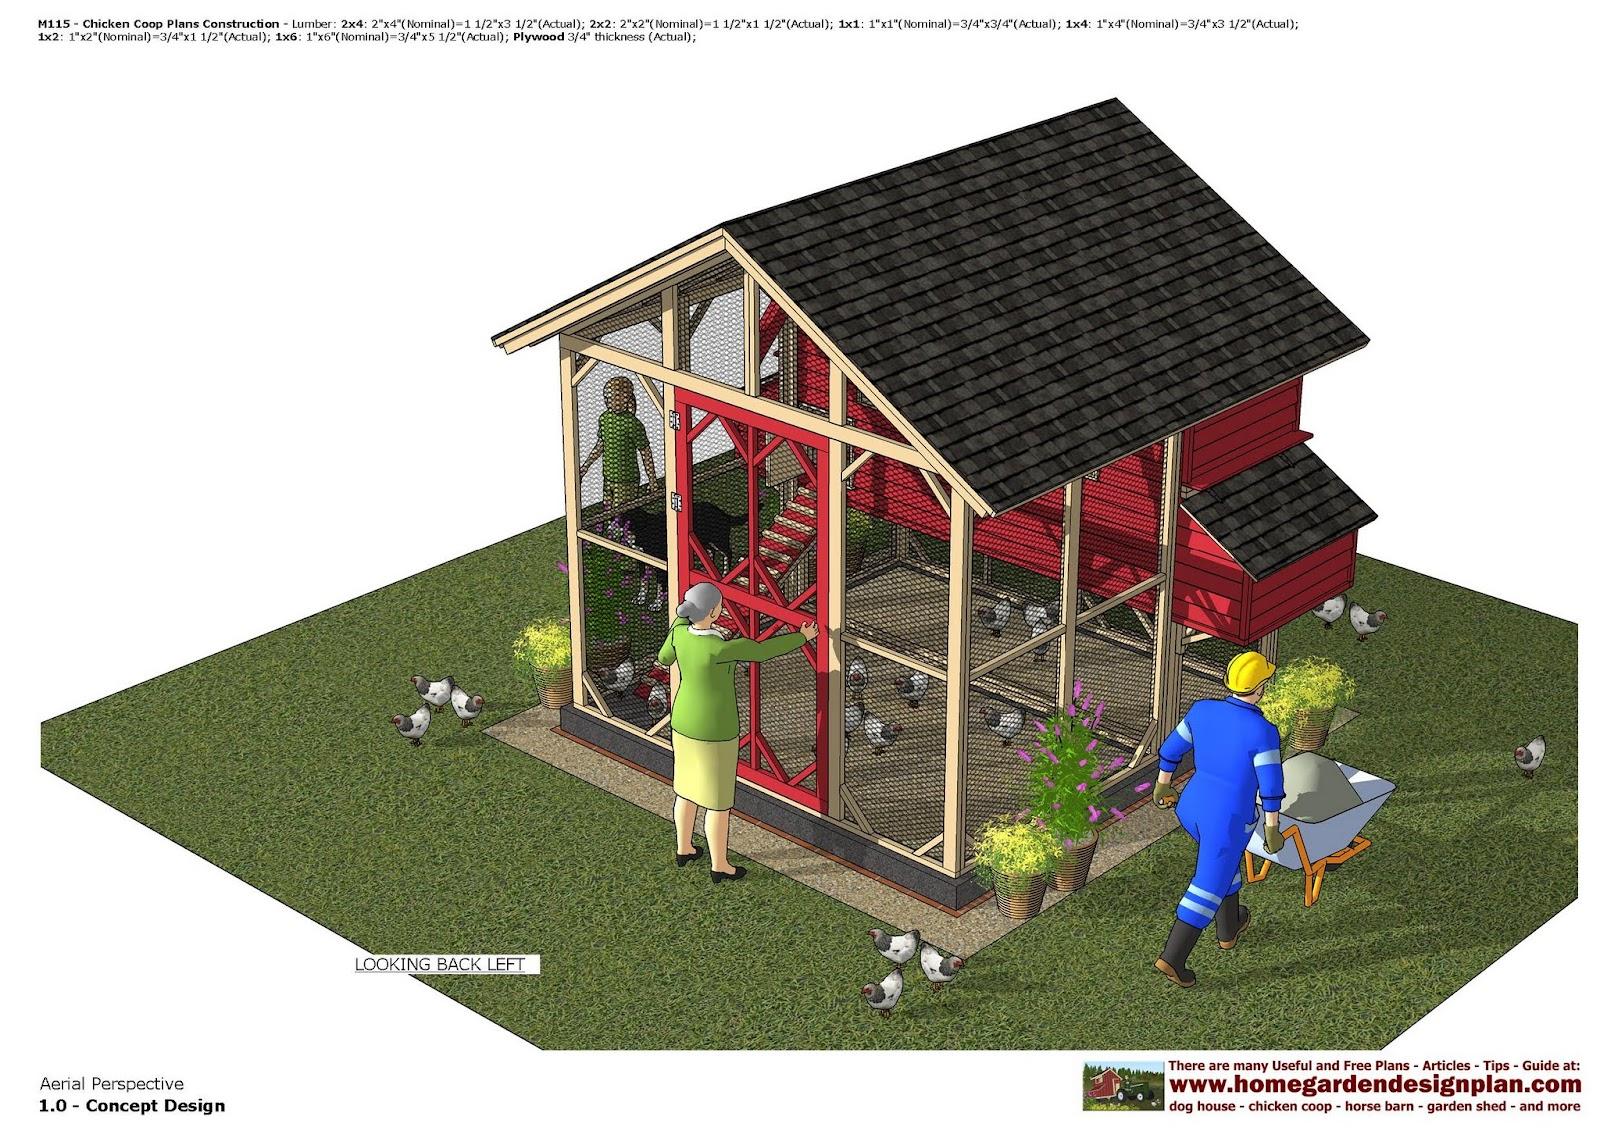 Home garden plans m115 chicken coop plans chicken for 3 chicken coop